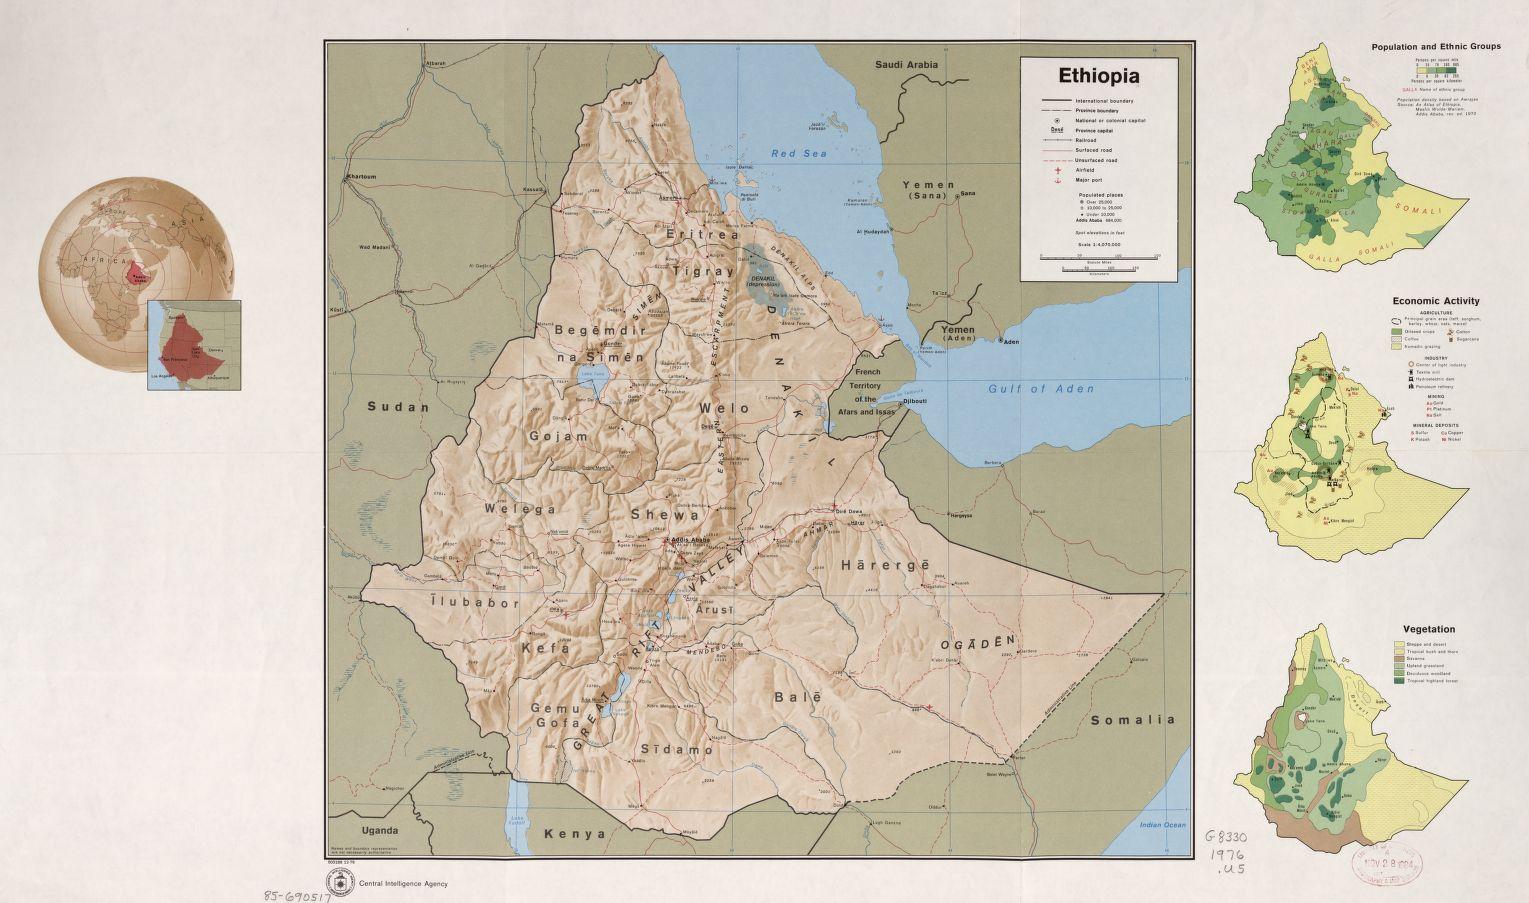 Ethiopia - Maps - ecoi.net